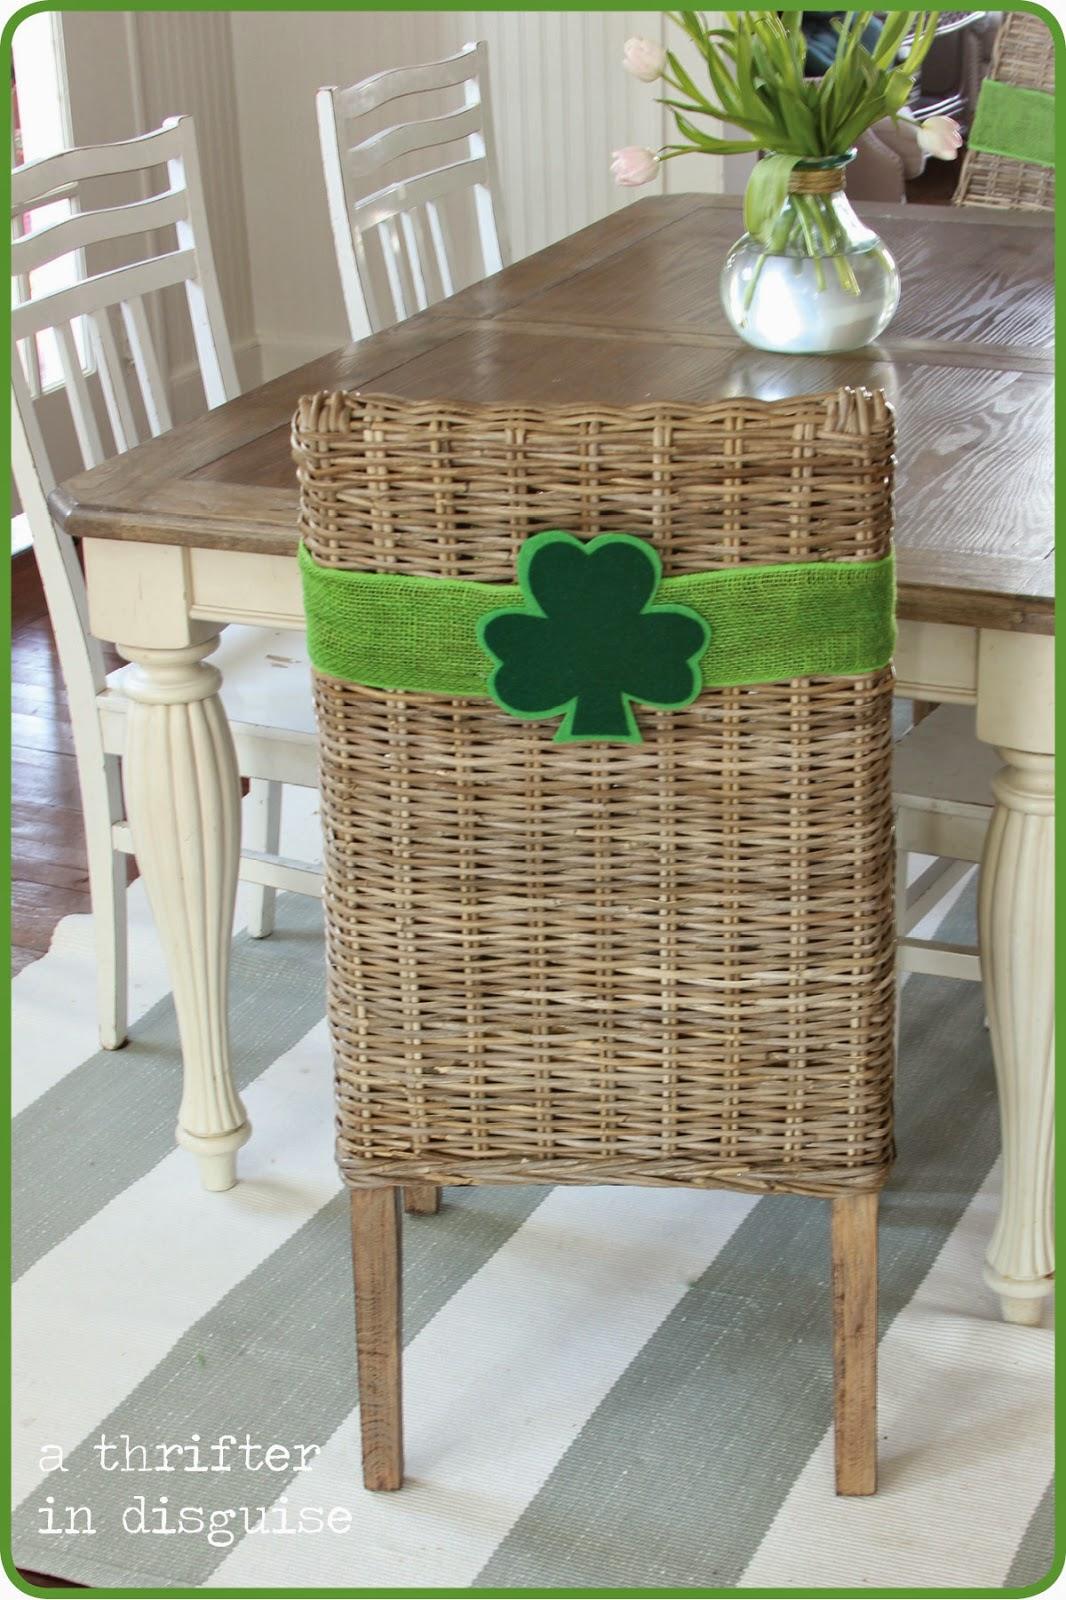 Fancy St. Patrick's Day Decor